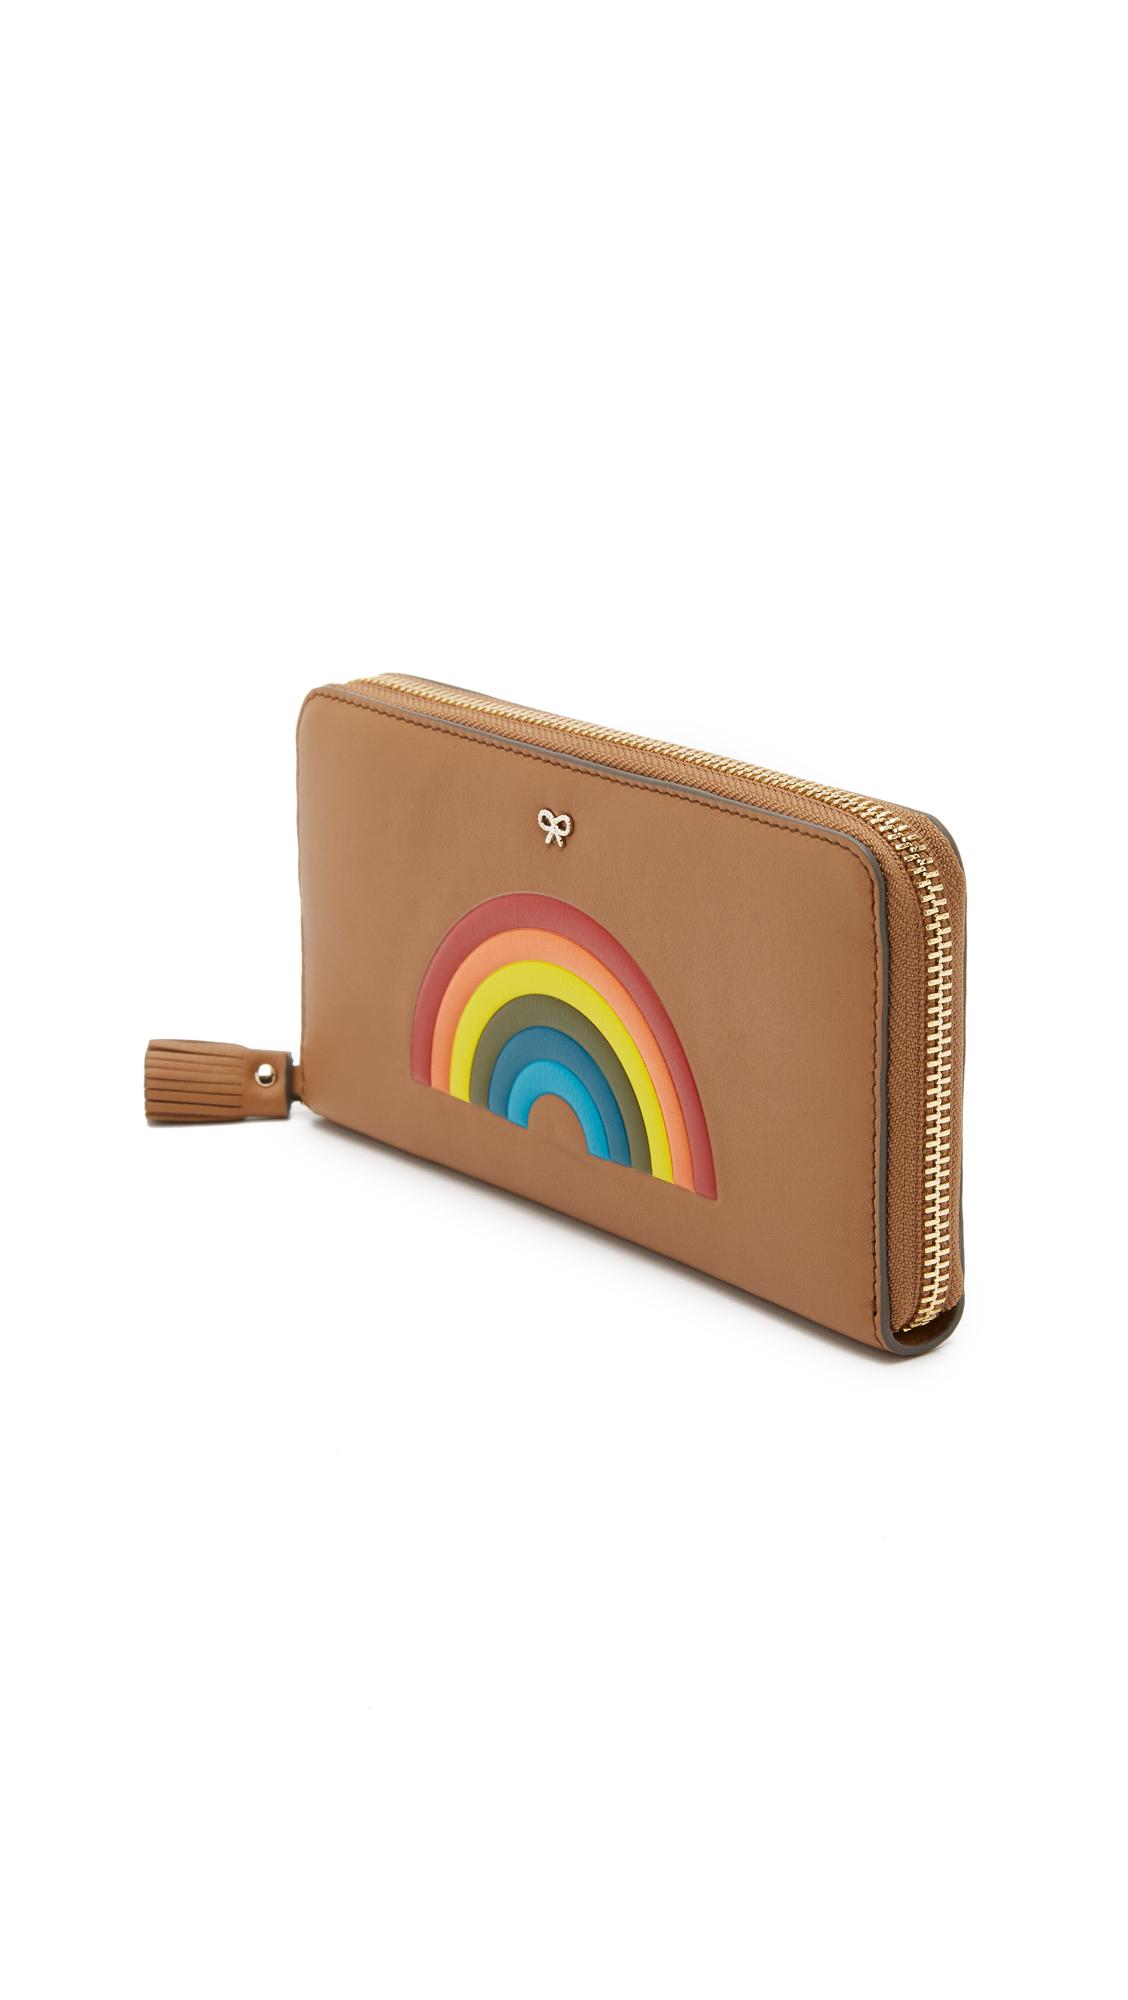 Rainbow Wink wallet Anya Hindmarch PgQwKX5y